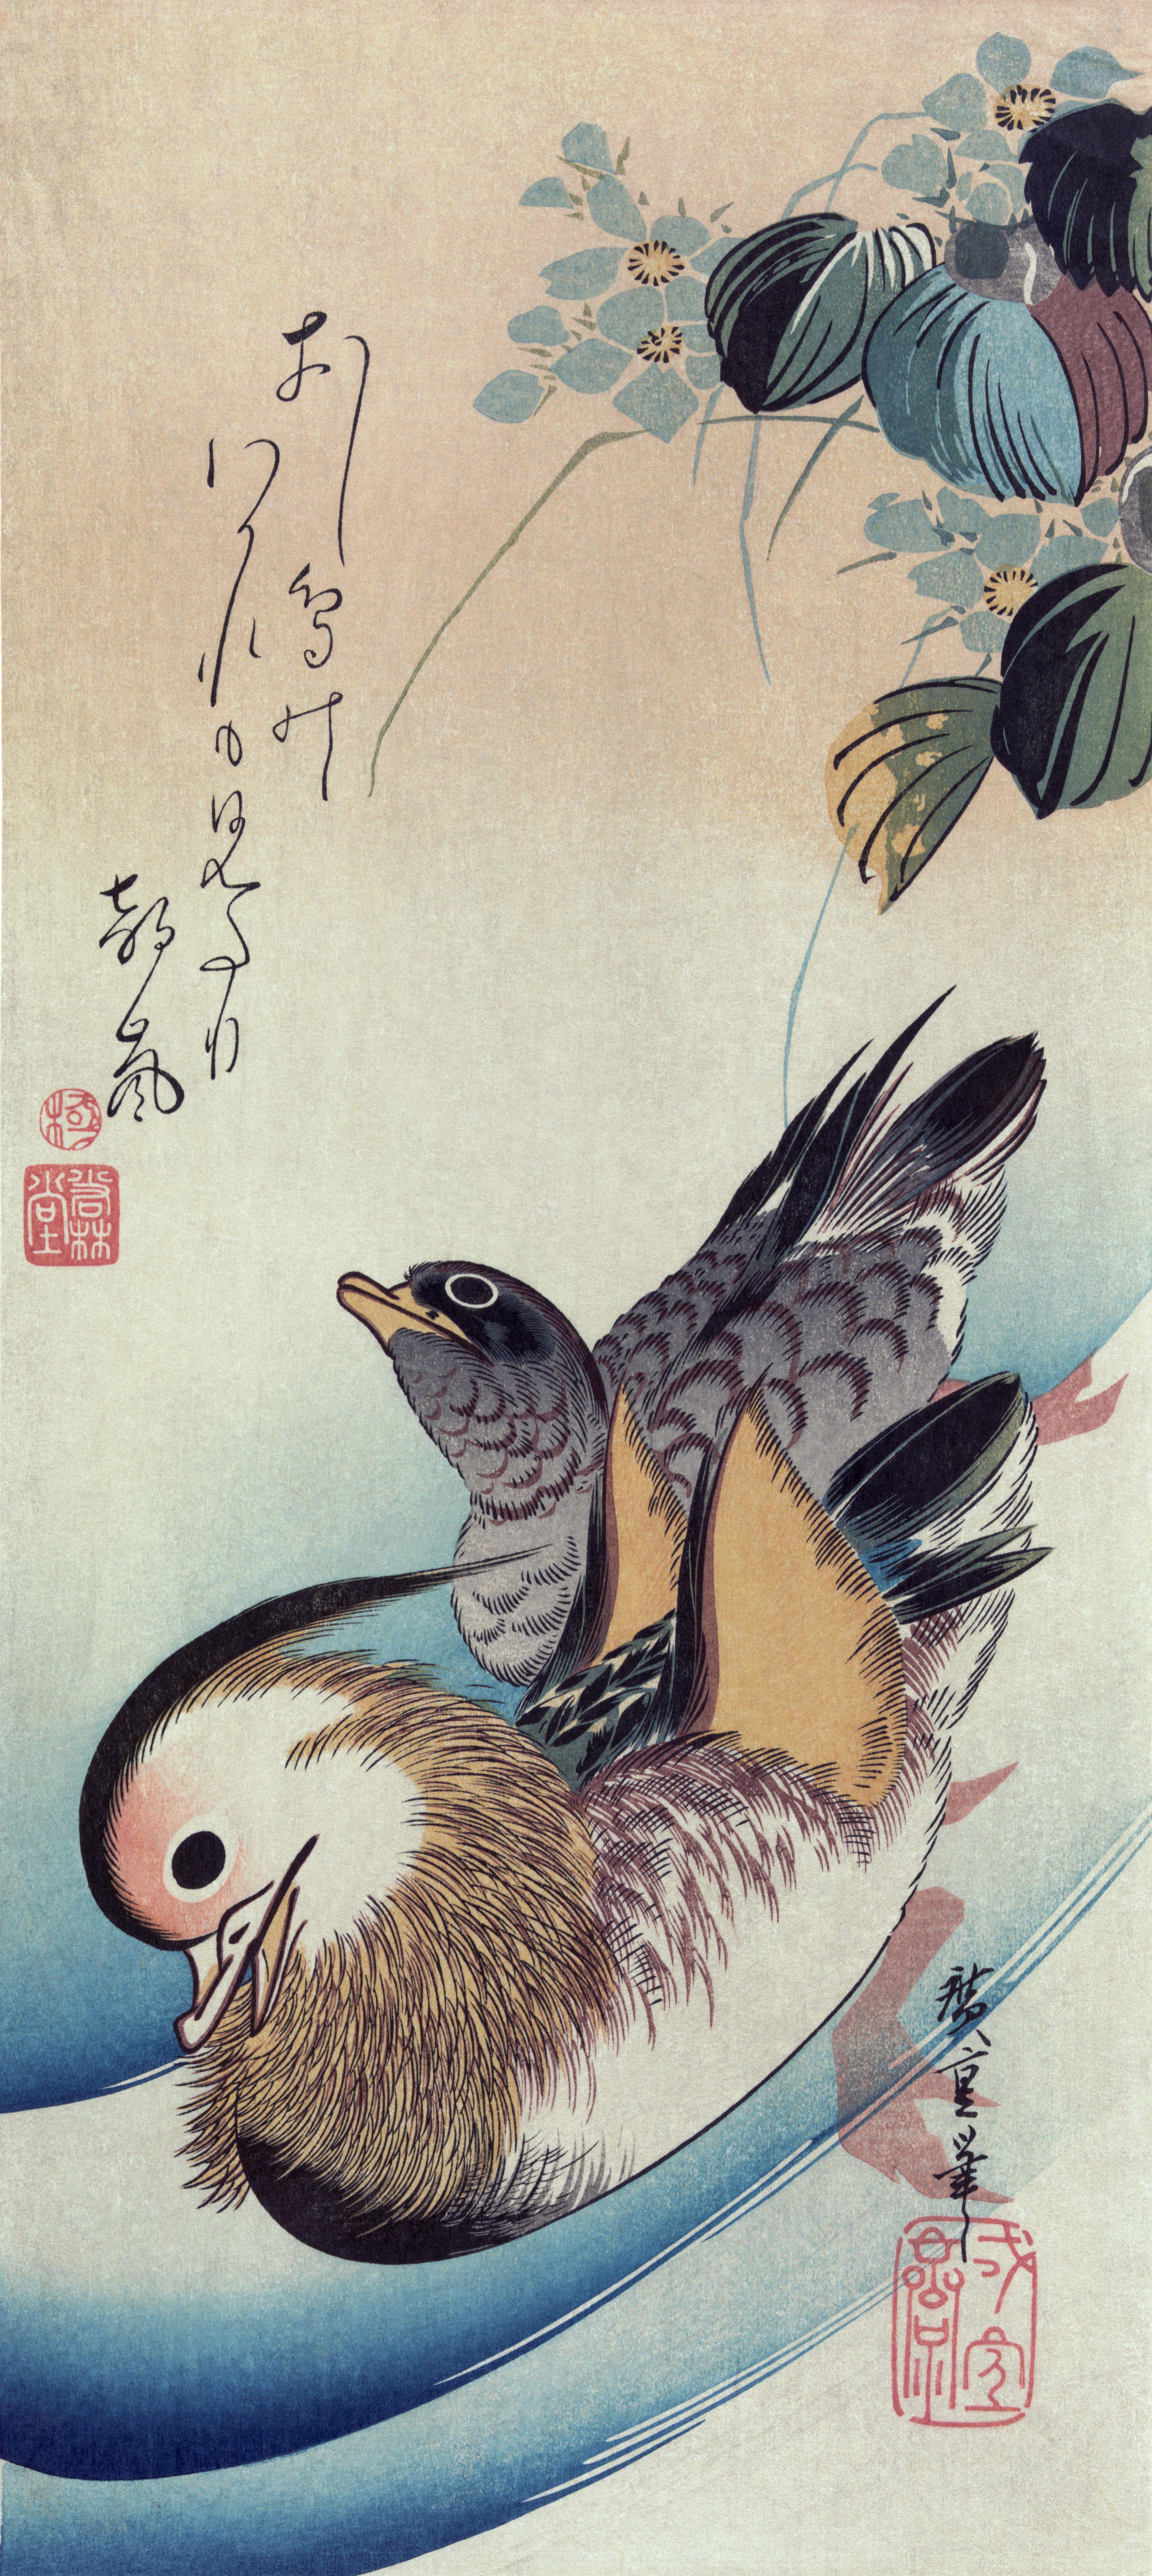 Mandarin_duck_woodcut3.jpg 3,886×8,688 pixels